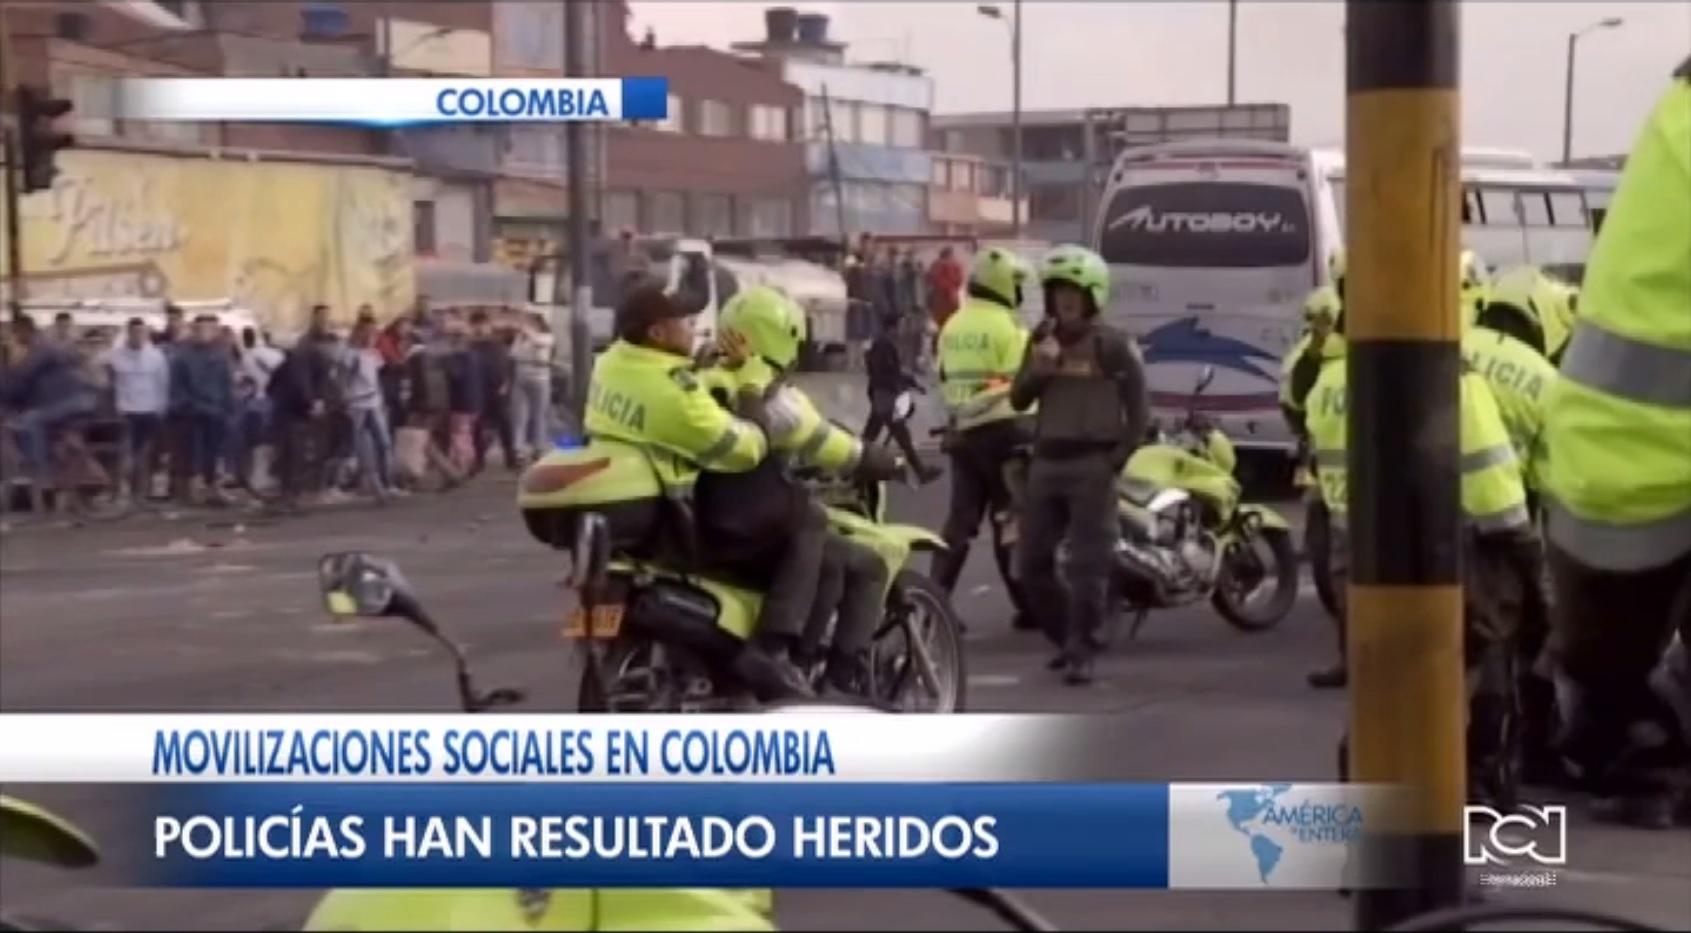 Más de 350 policías han resultado heridos durante los siete días de protestas en Colombia